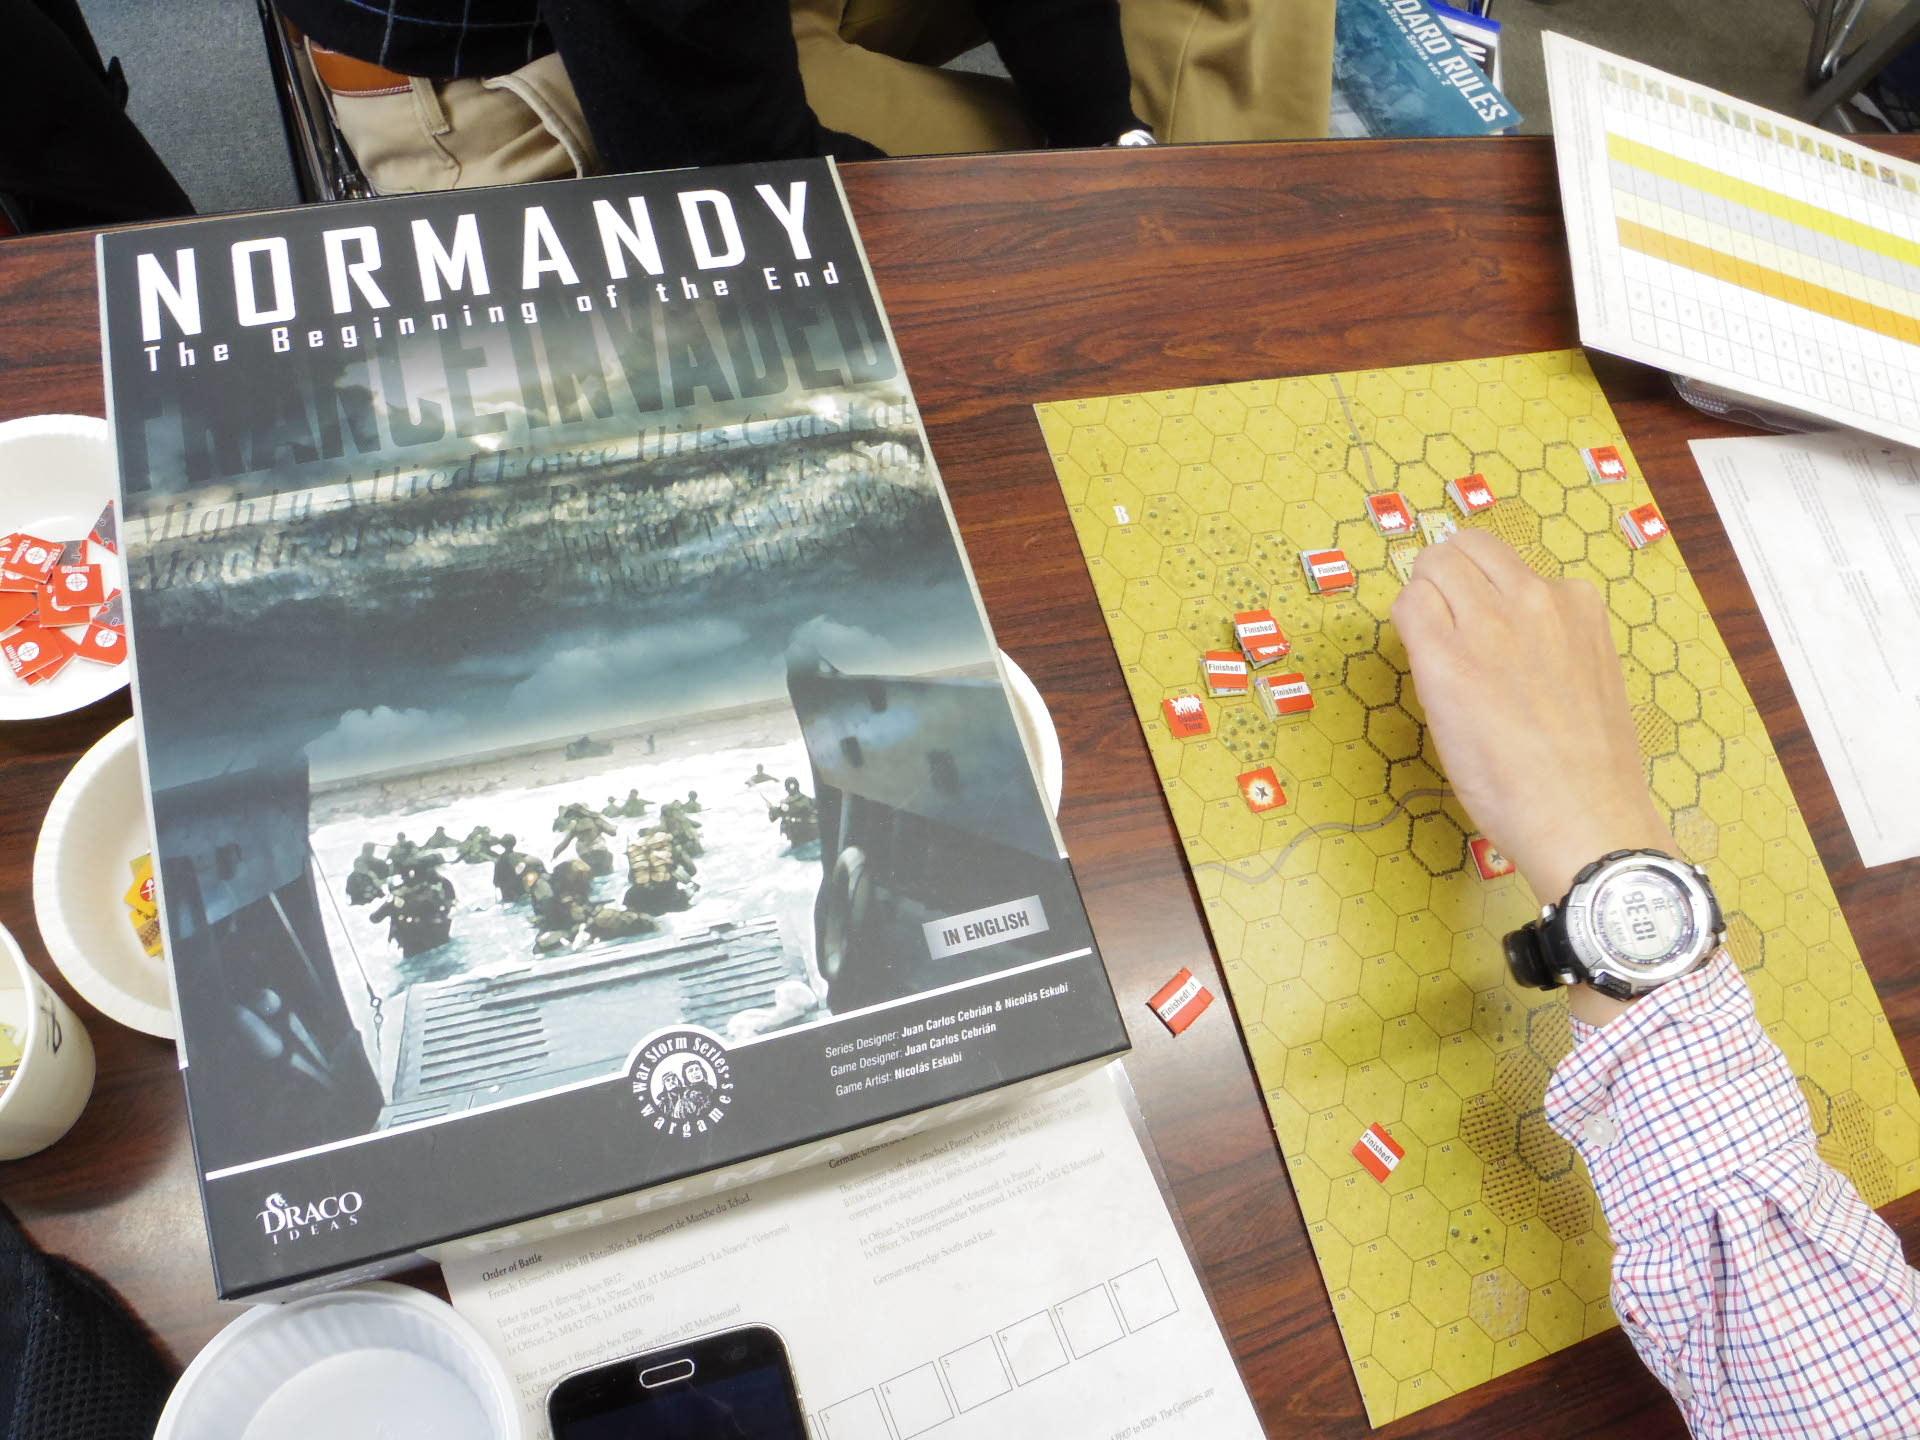 2019.01.05(土)YSGA新春初例会の様子その❶突貫和訳使用でいきなり(Draco Ideas)Normandy:The Beginning of the End_b0173672_22564552.jpg